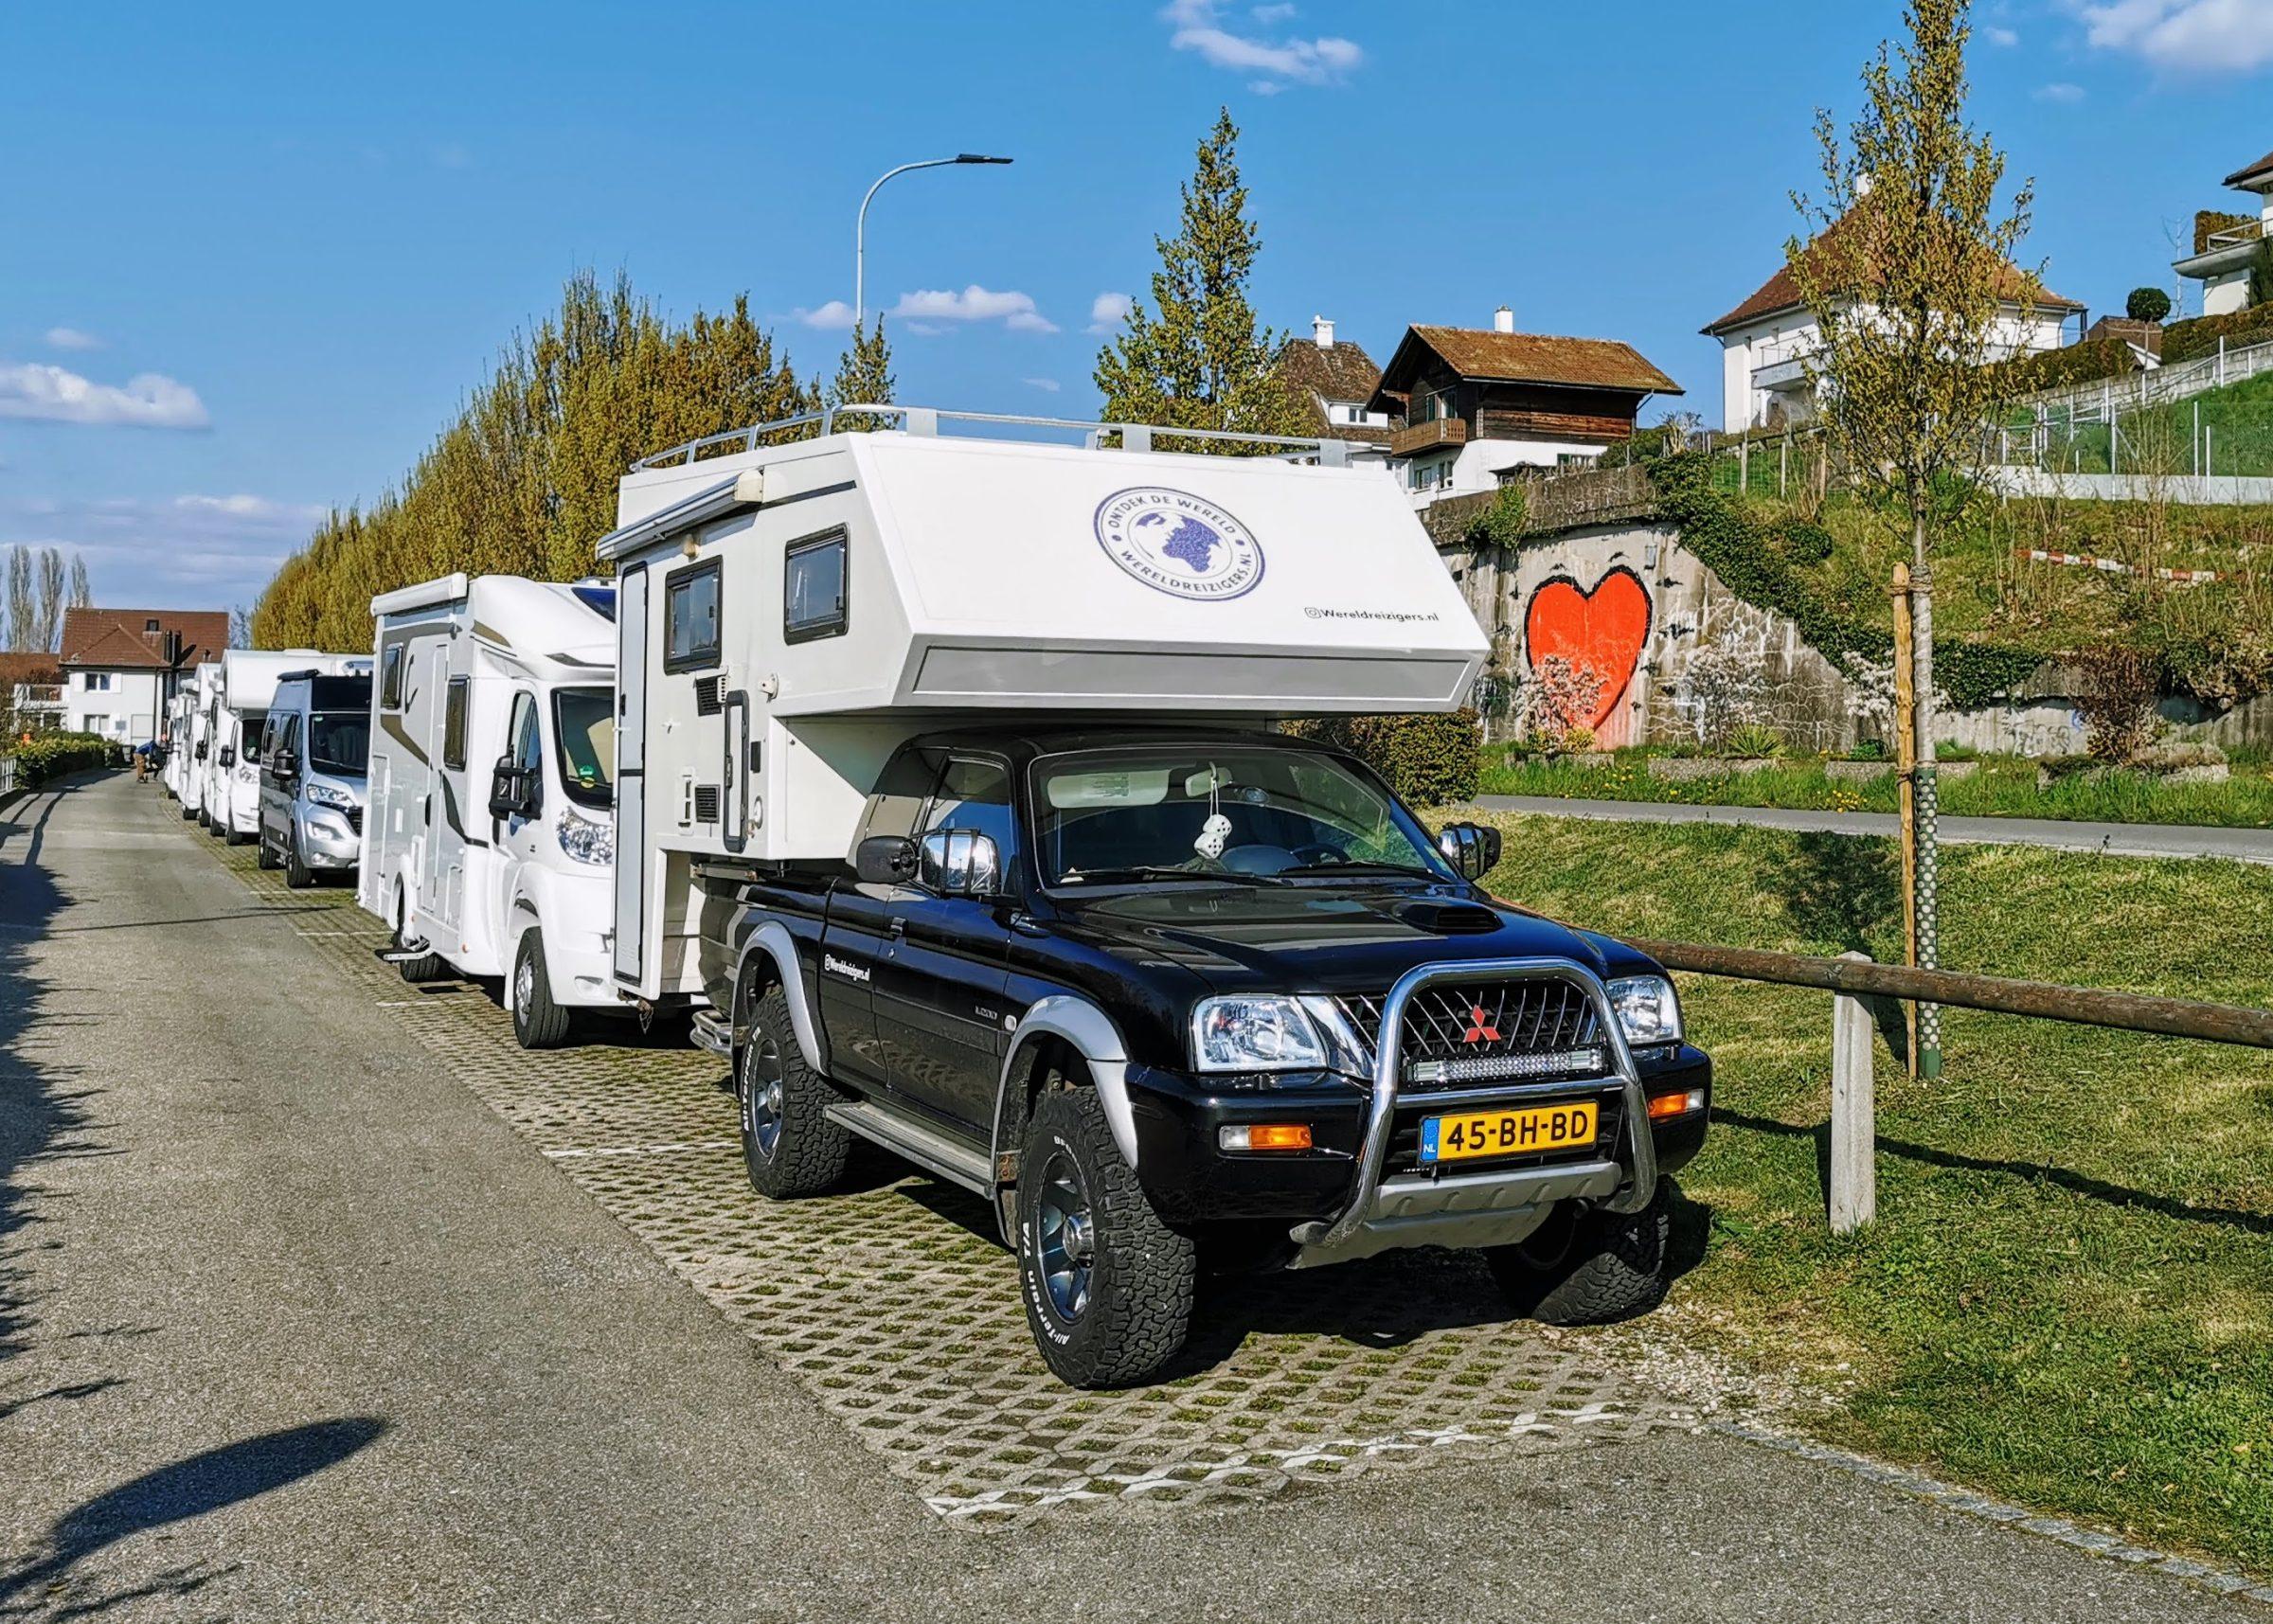 De camperplaats in Murten